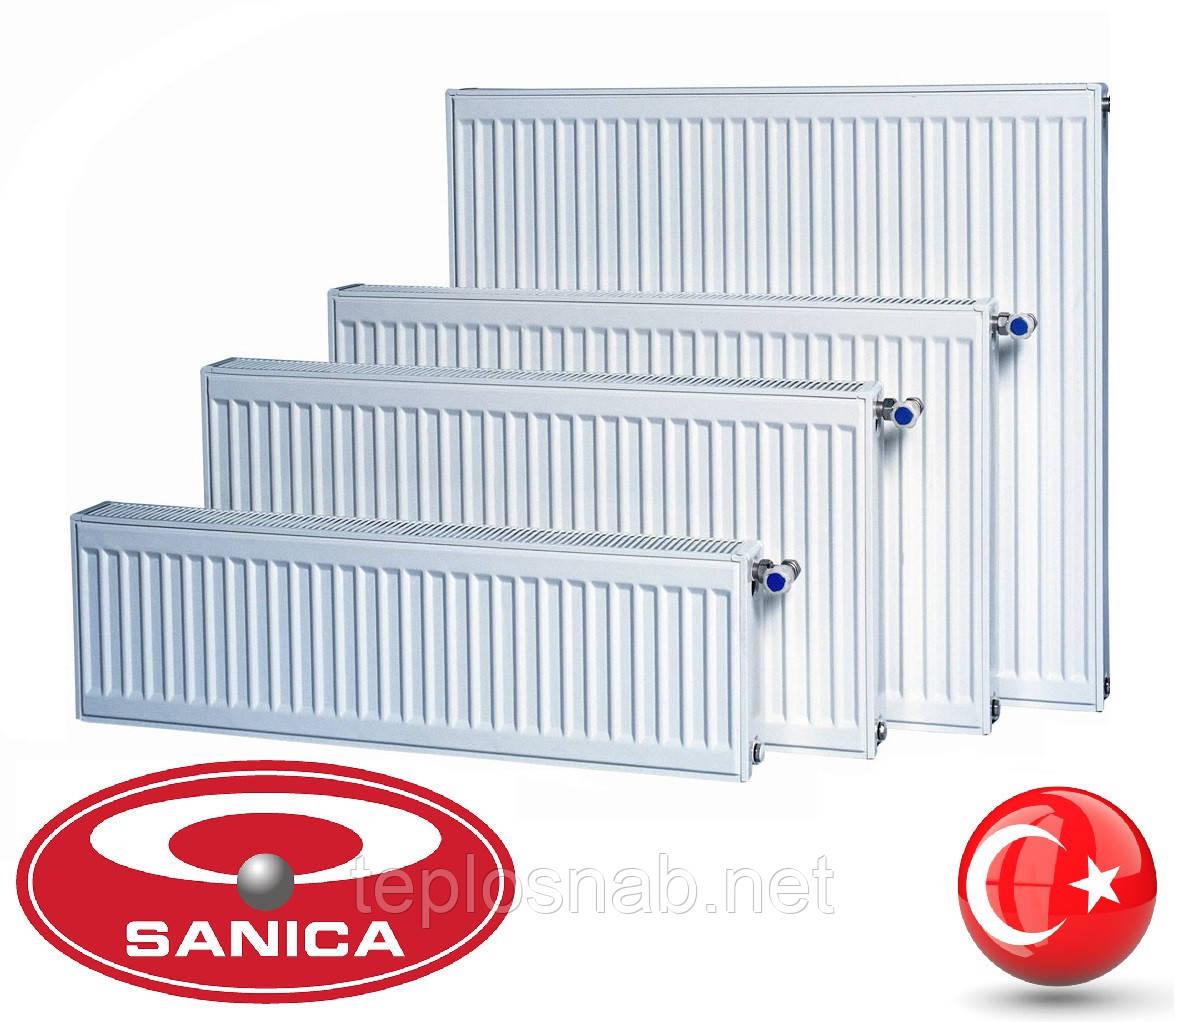 Стальной радиатор Sanica 11 тип (300 х 400 мм) / 253 Вт